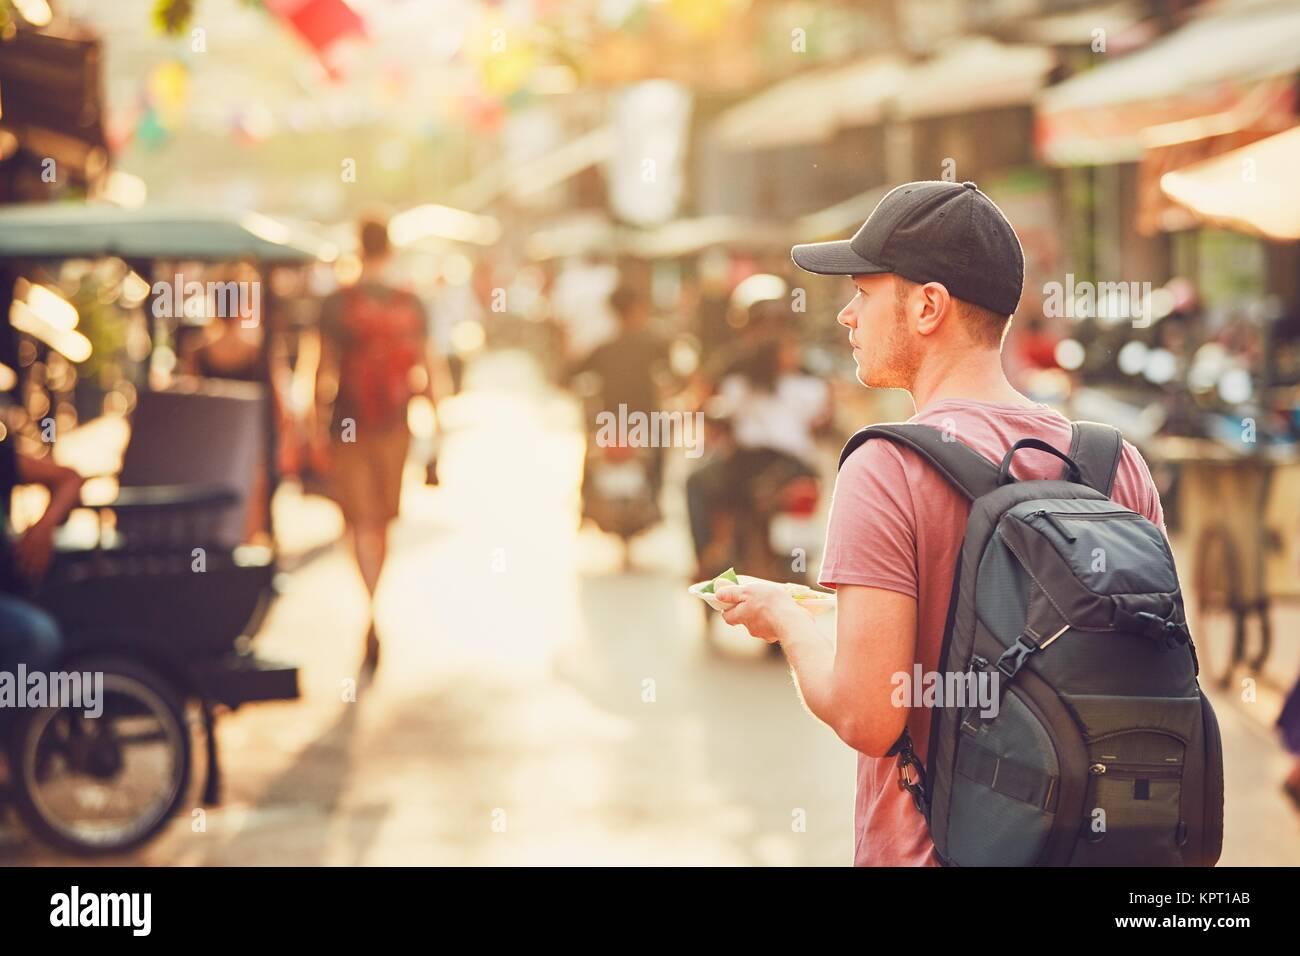 Jeune homme (touriste) avec sac à dos de randonnée le marché de nuit l'achat de délicieux Photo Stock